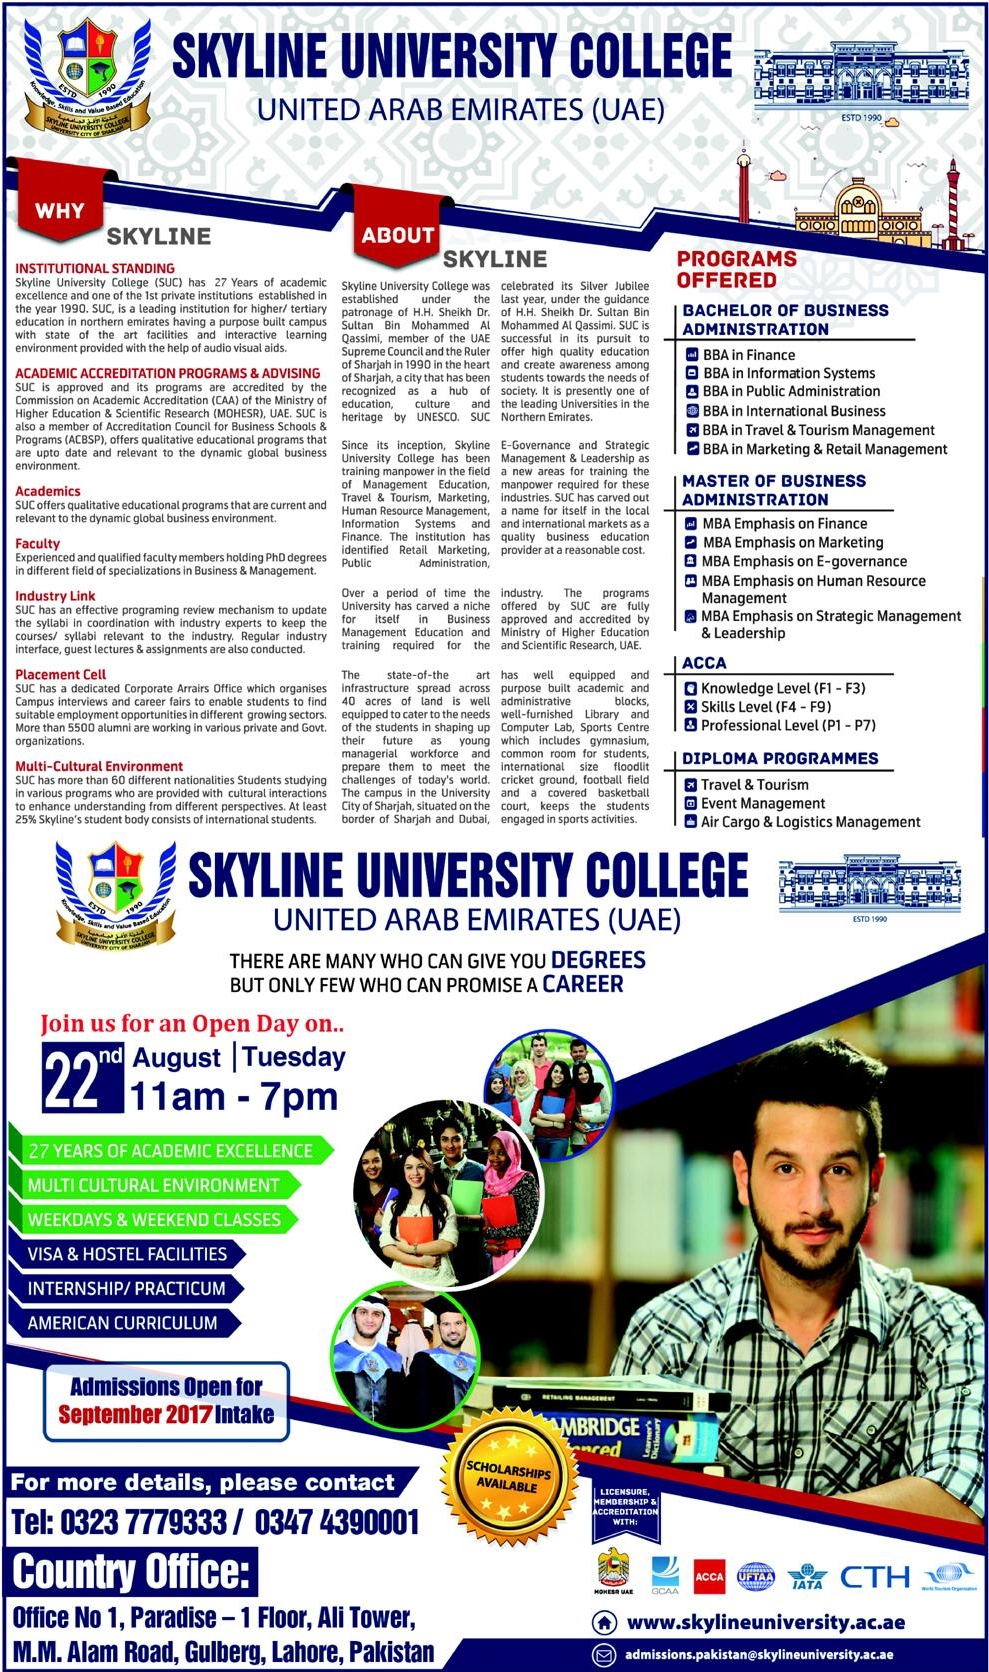 Skyline University College UAE Admission 2019, Last Date, Form